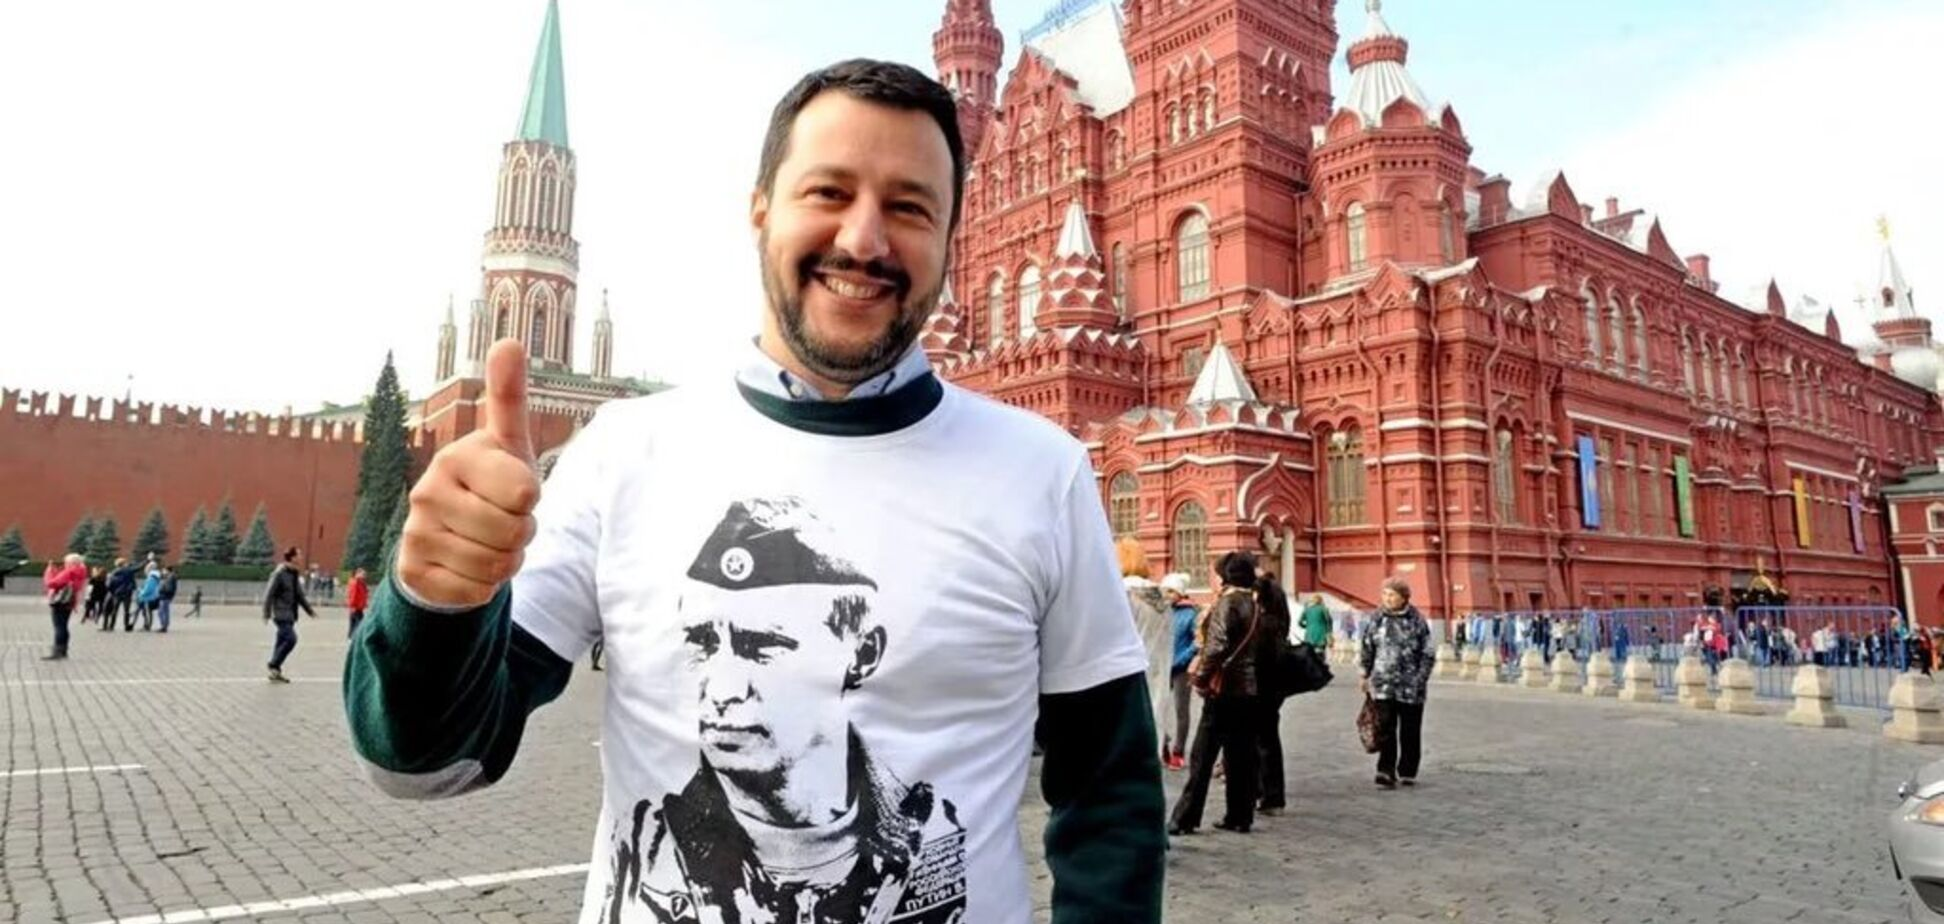 'Эскалатор сделан украинцами': россияне обиделись на итальянского друга Путина из-за 'пьяниц'